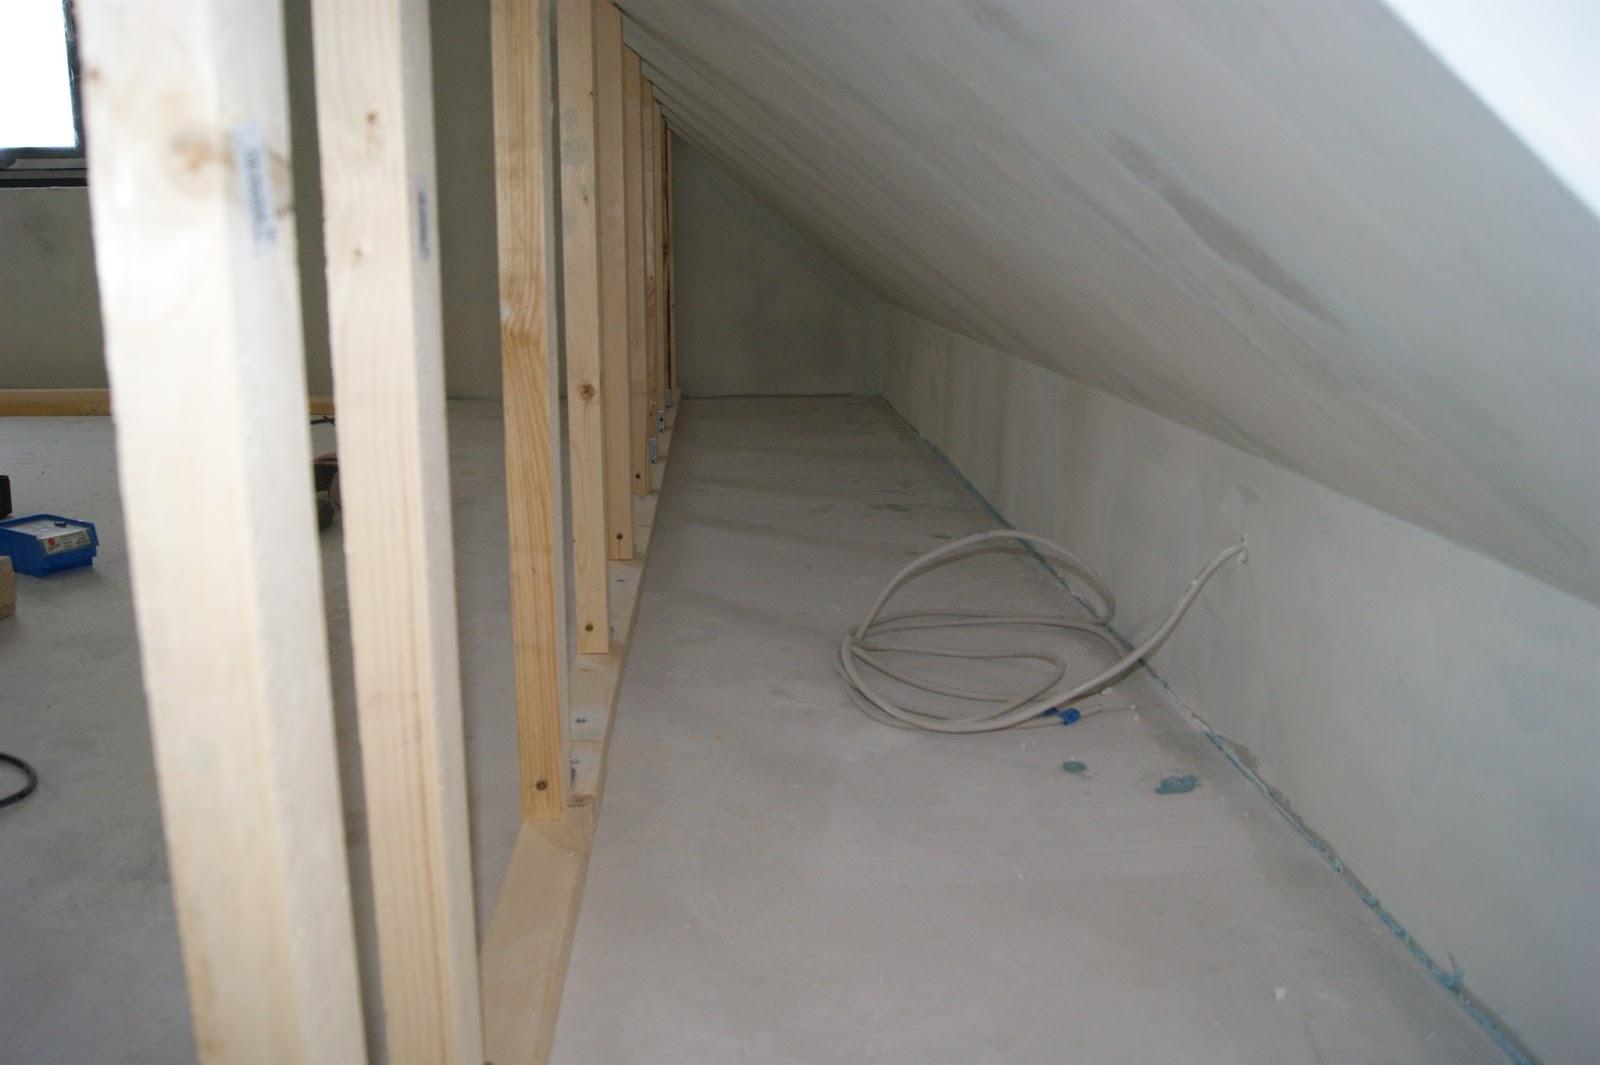 Dusche Im Zimmer Einbauen : Das gleiche werde ich auch im Kinderzimmer bauen. Auf der Stirnseite